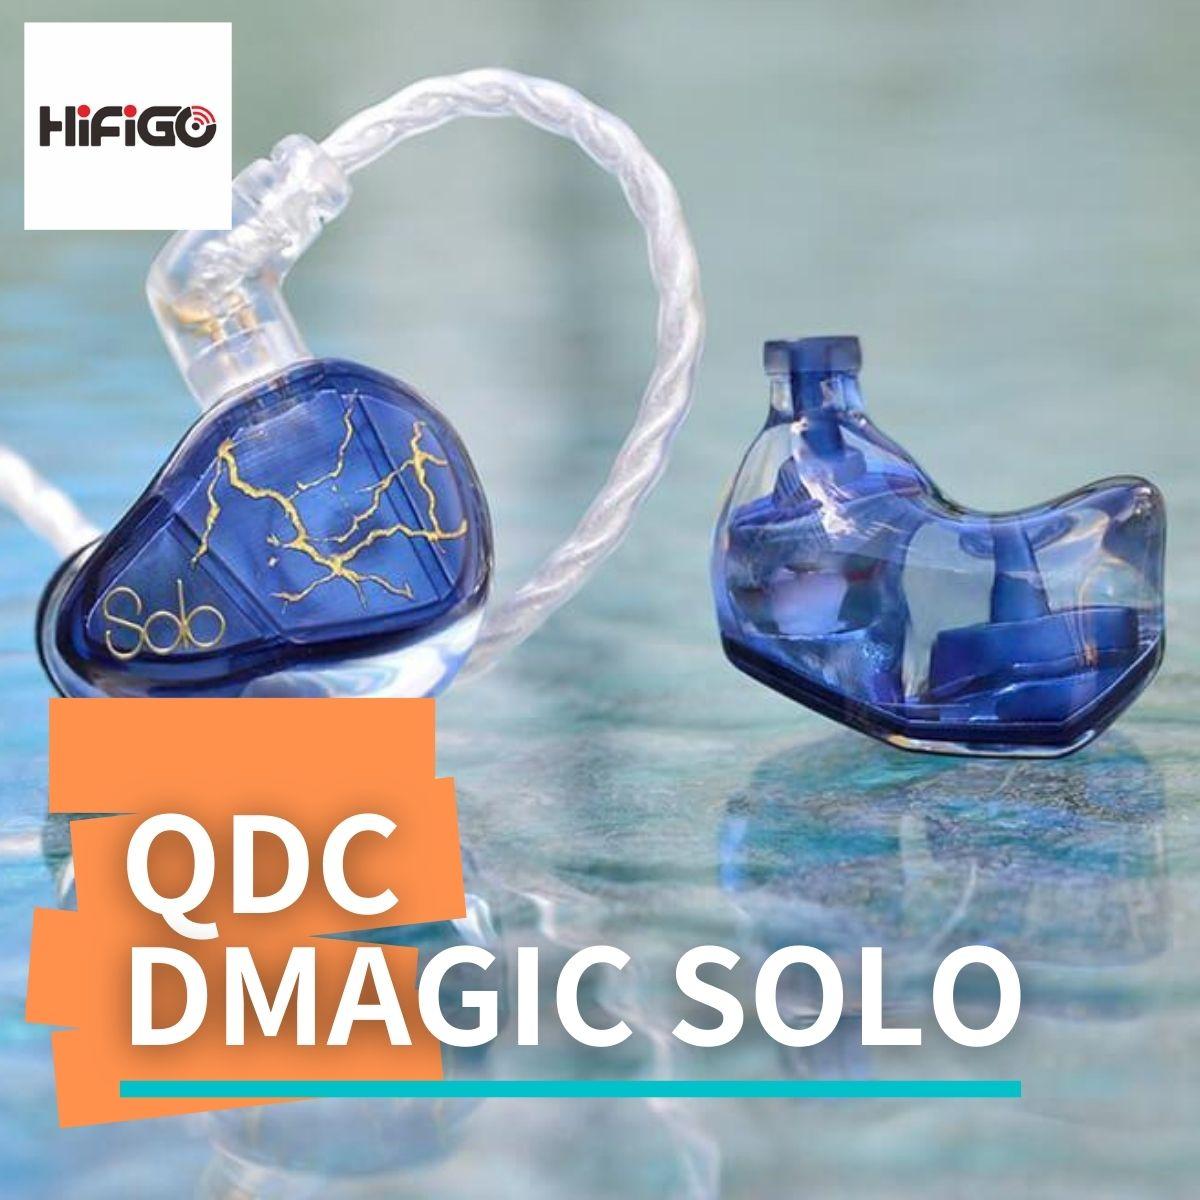 【HiFiGOニュース】qdc DMagic Solo:「中華イヤホン最高峰ブランド」がお届けする、最新のシングル・ダイナミック・ドライバーIEM